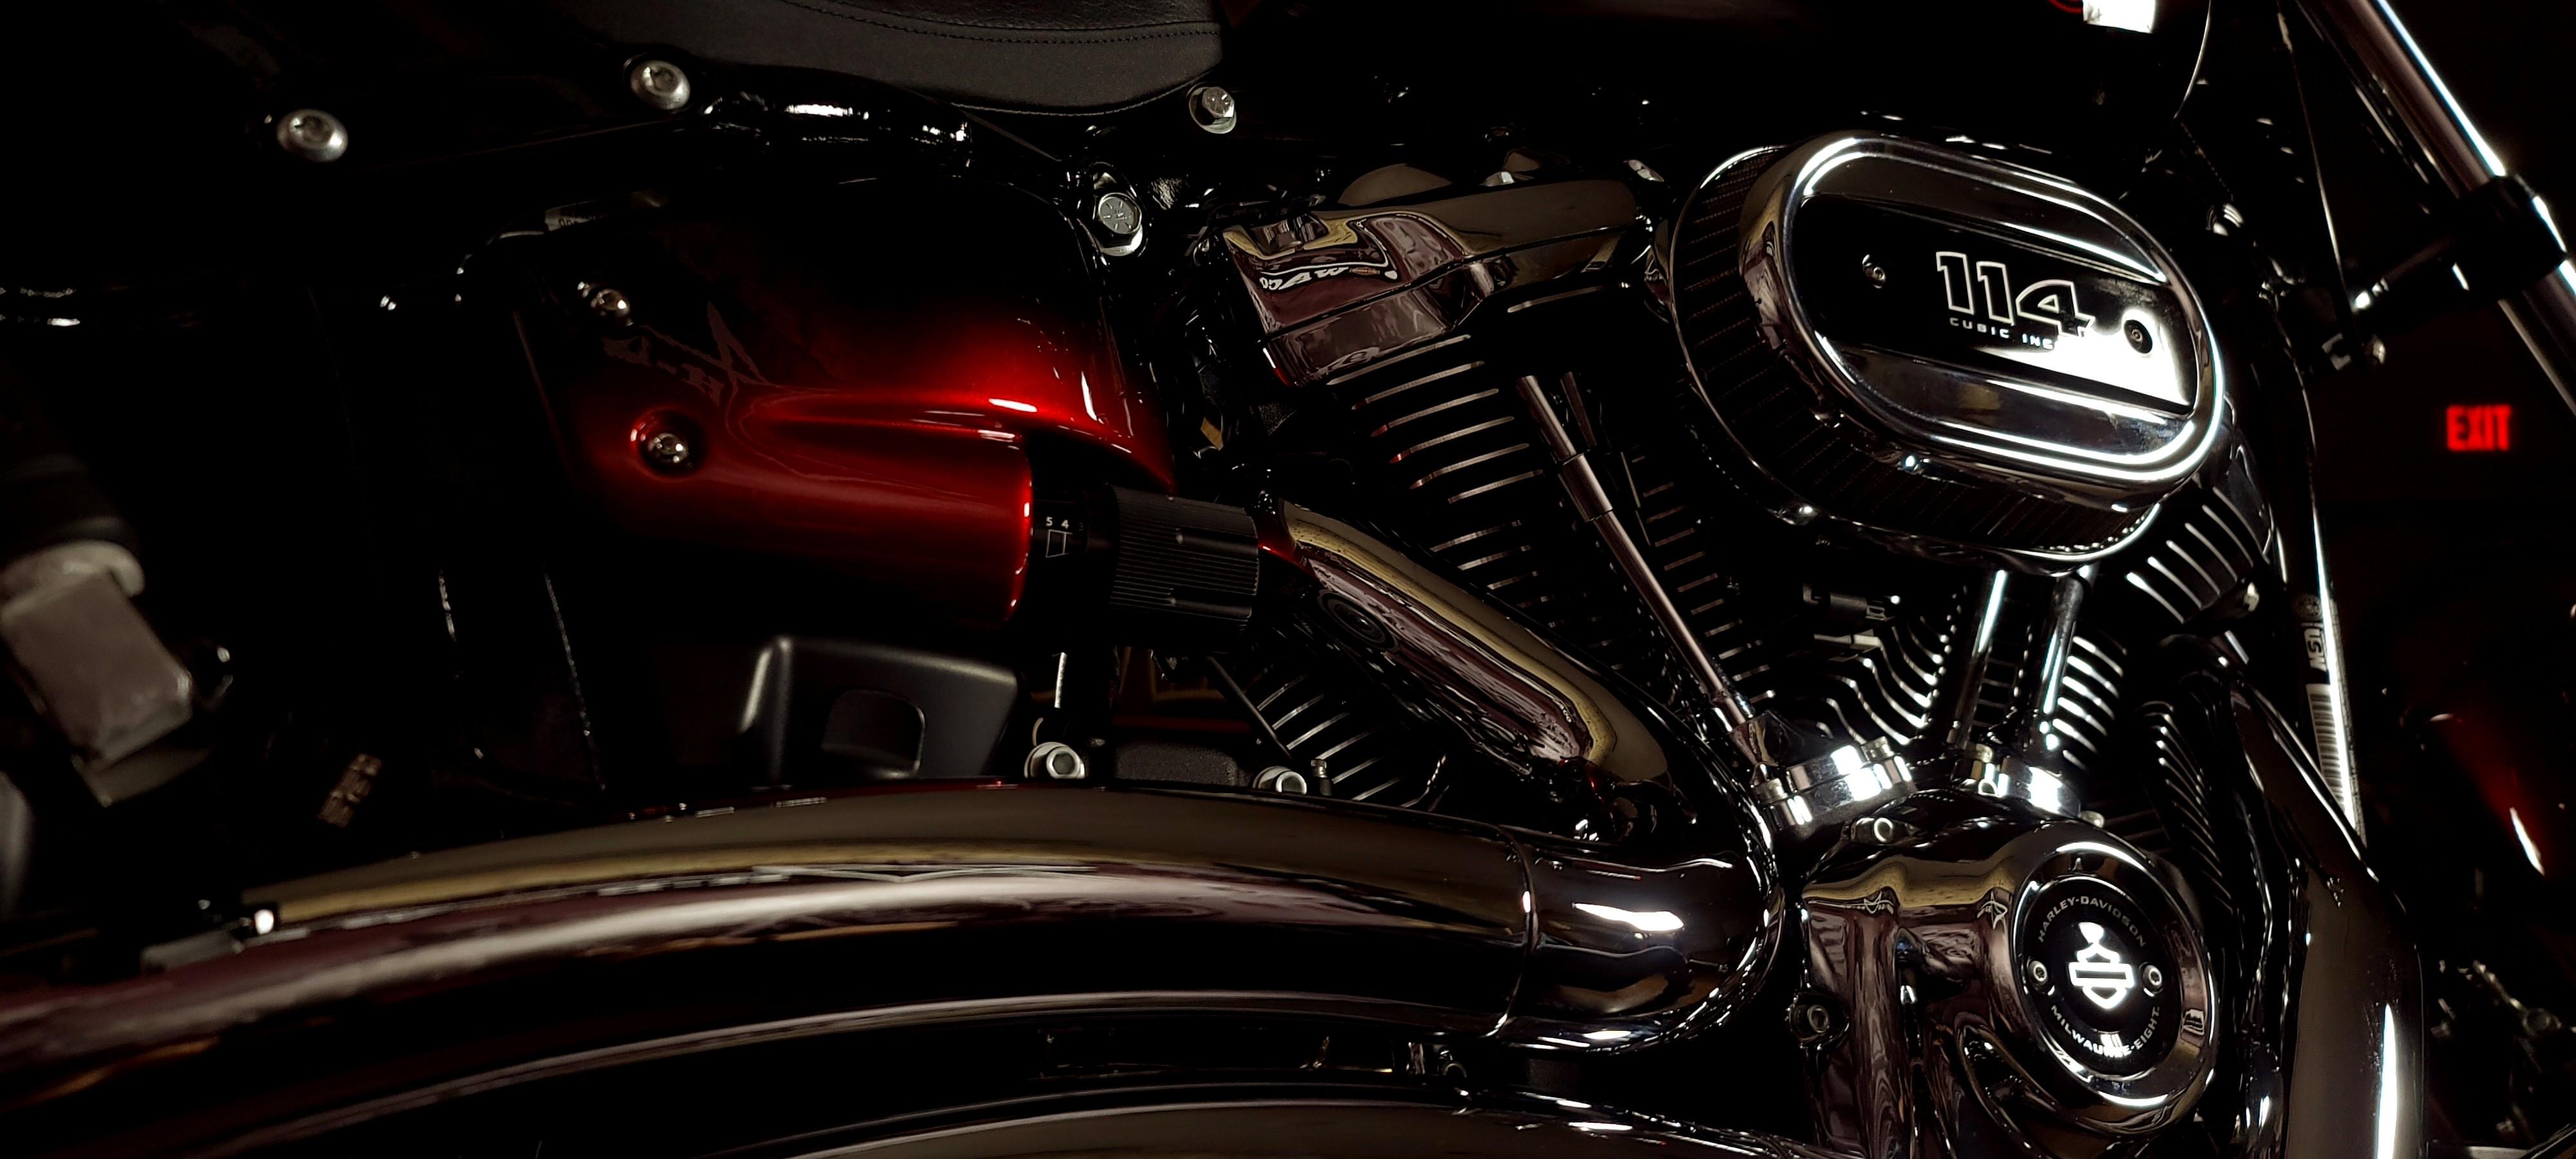 2018 Harley-Davidson Softail Breakout 114 at Harley-Davidson of Waco